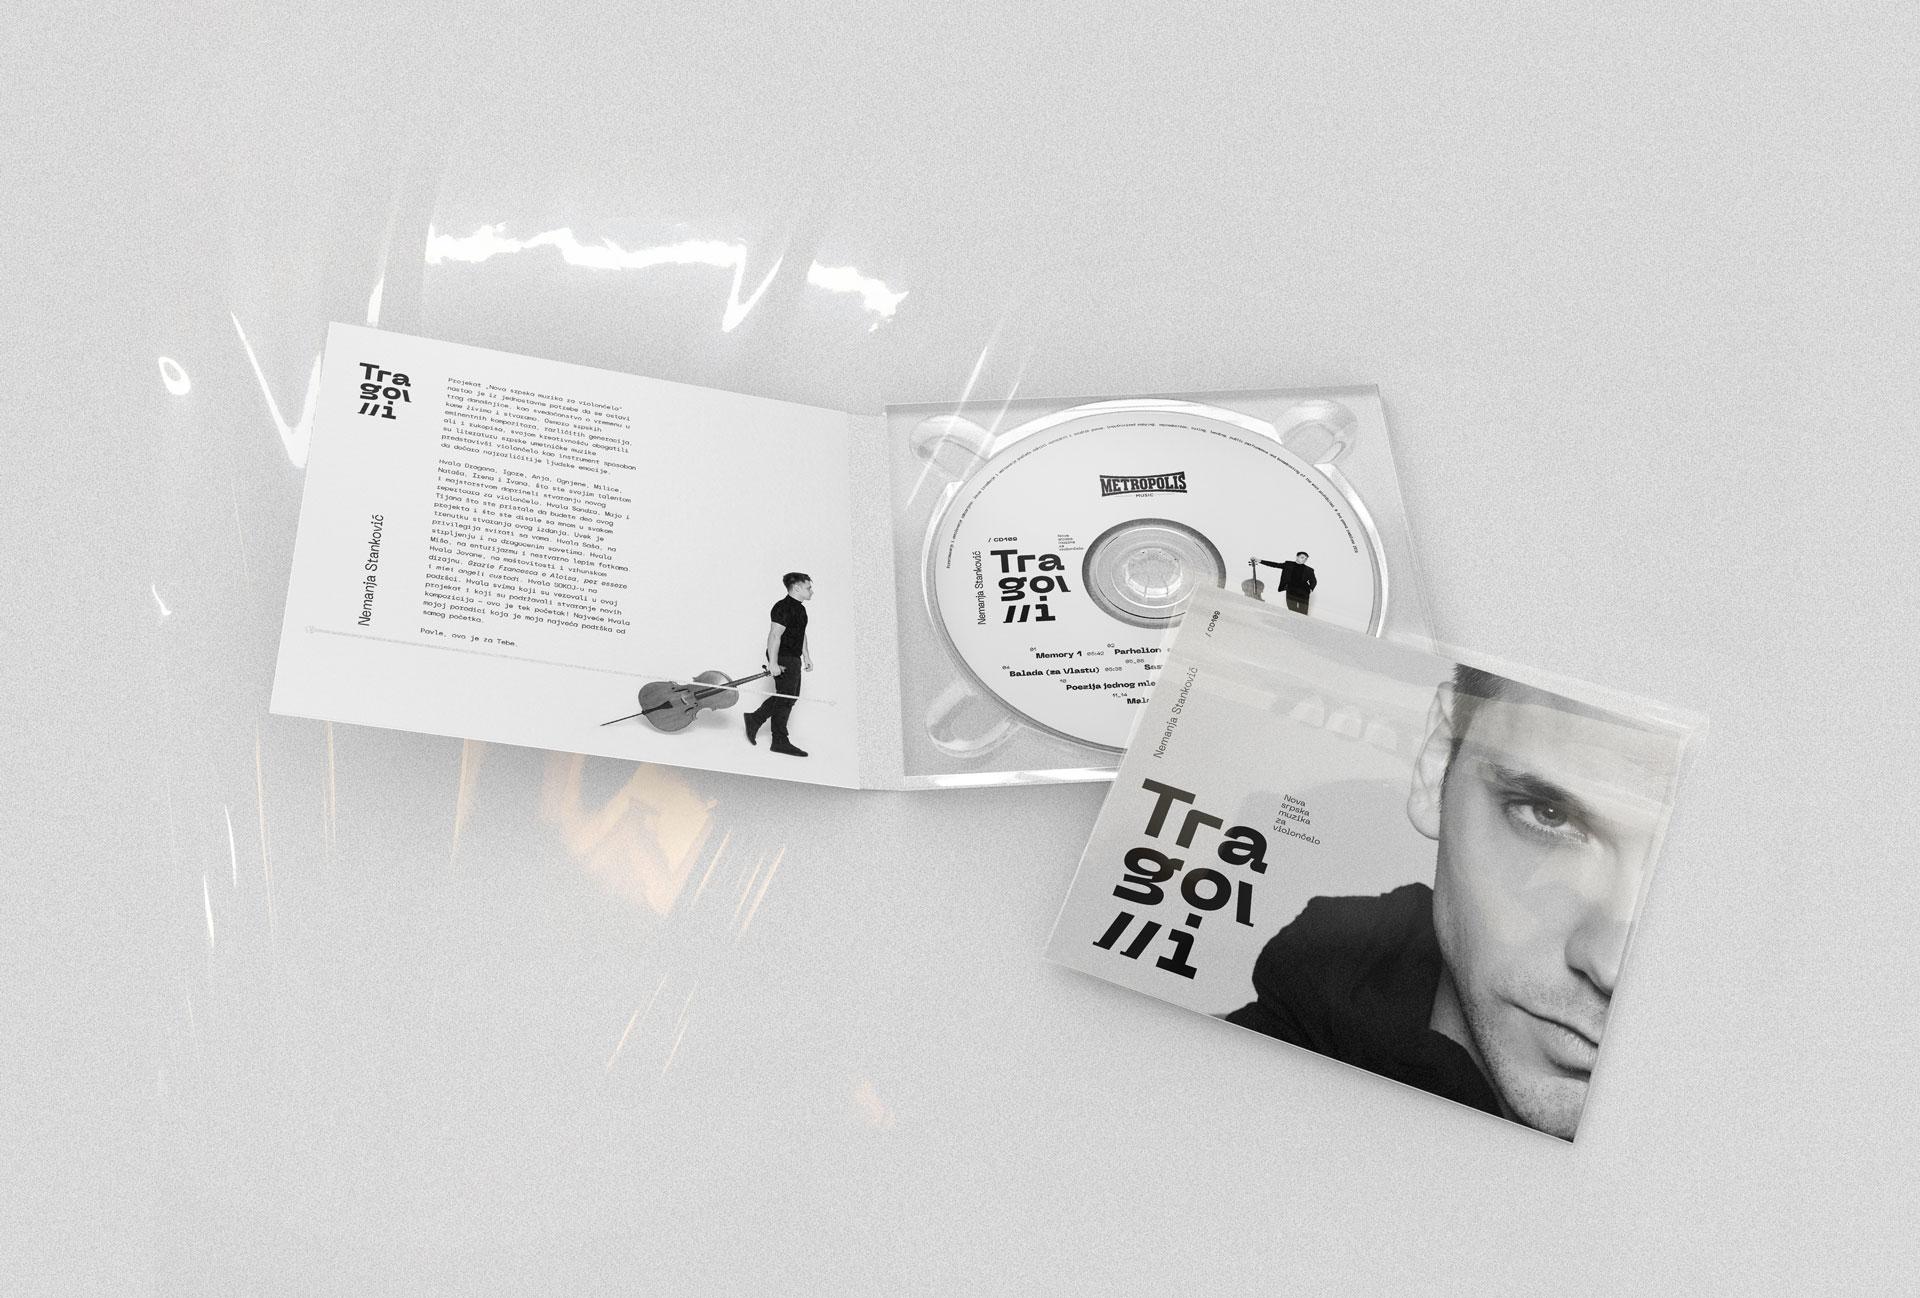 nemanja stankovic tragovi album cd violoncelo muzika beograd metropolis general condition design studio